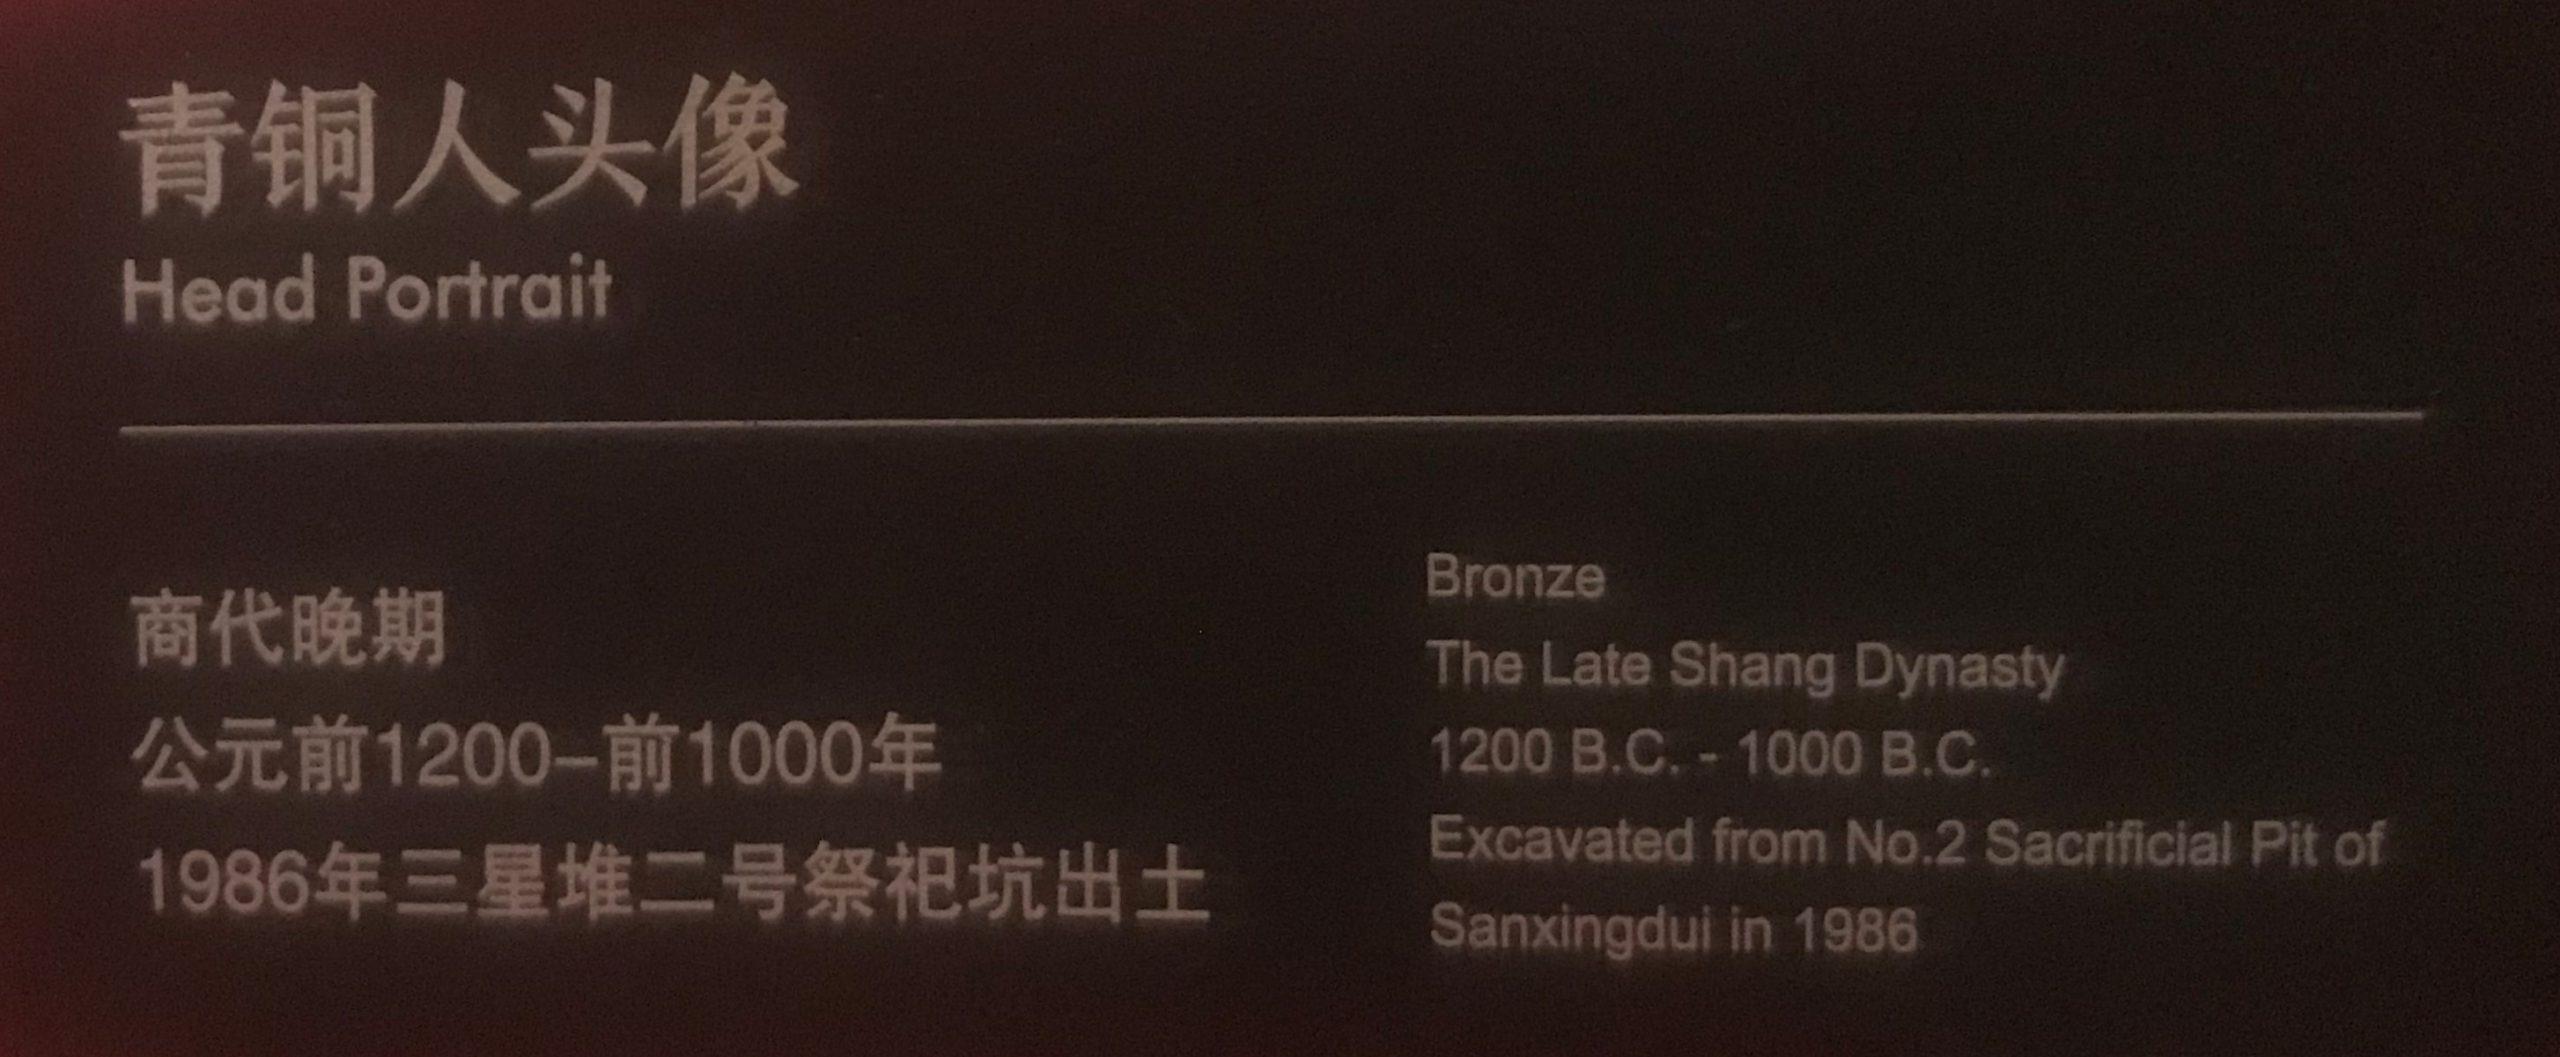 青銅人頭像6-青銅器館-三星堆博物館-広漢市-徳陽市-四川省